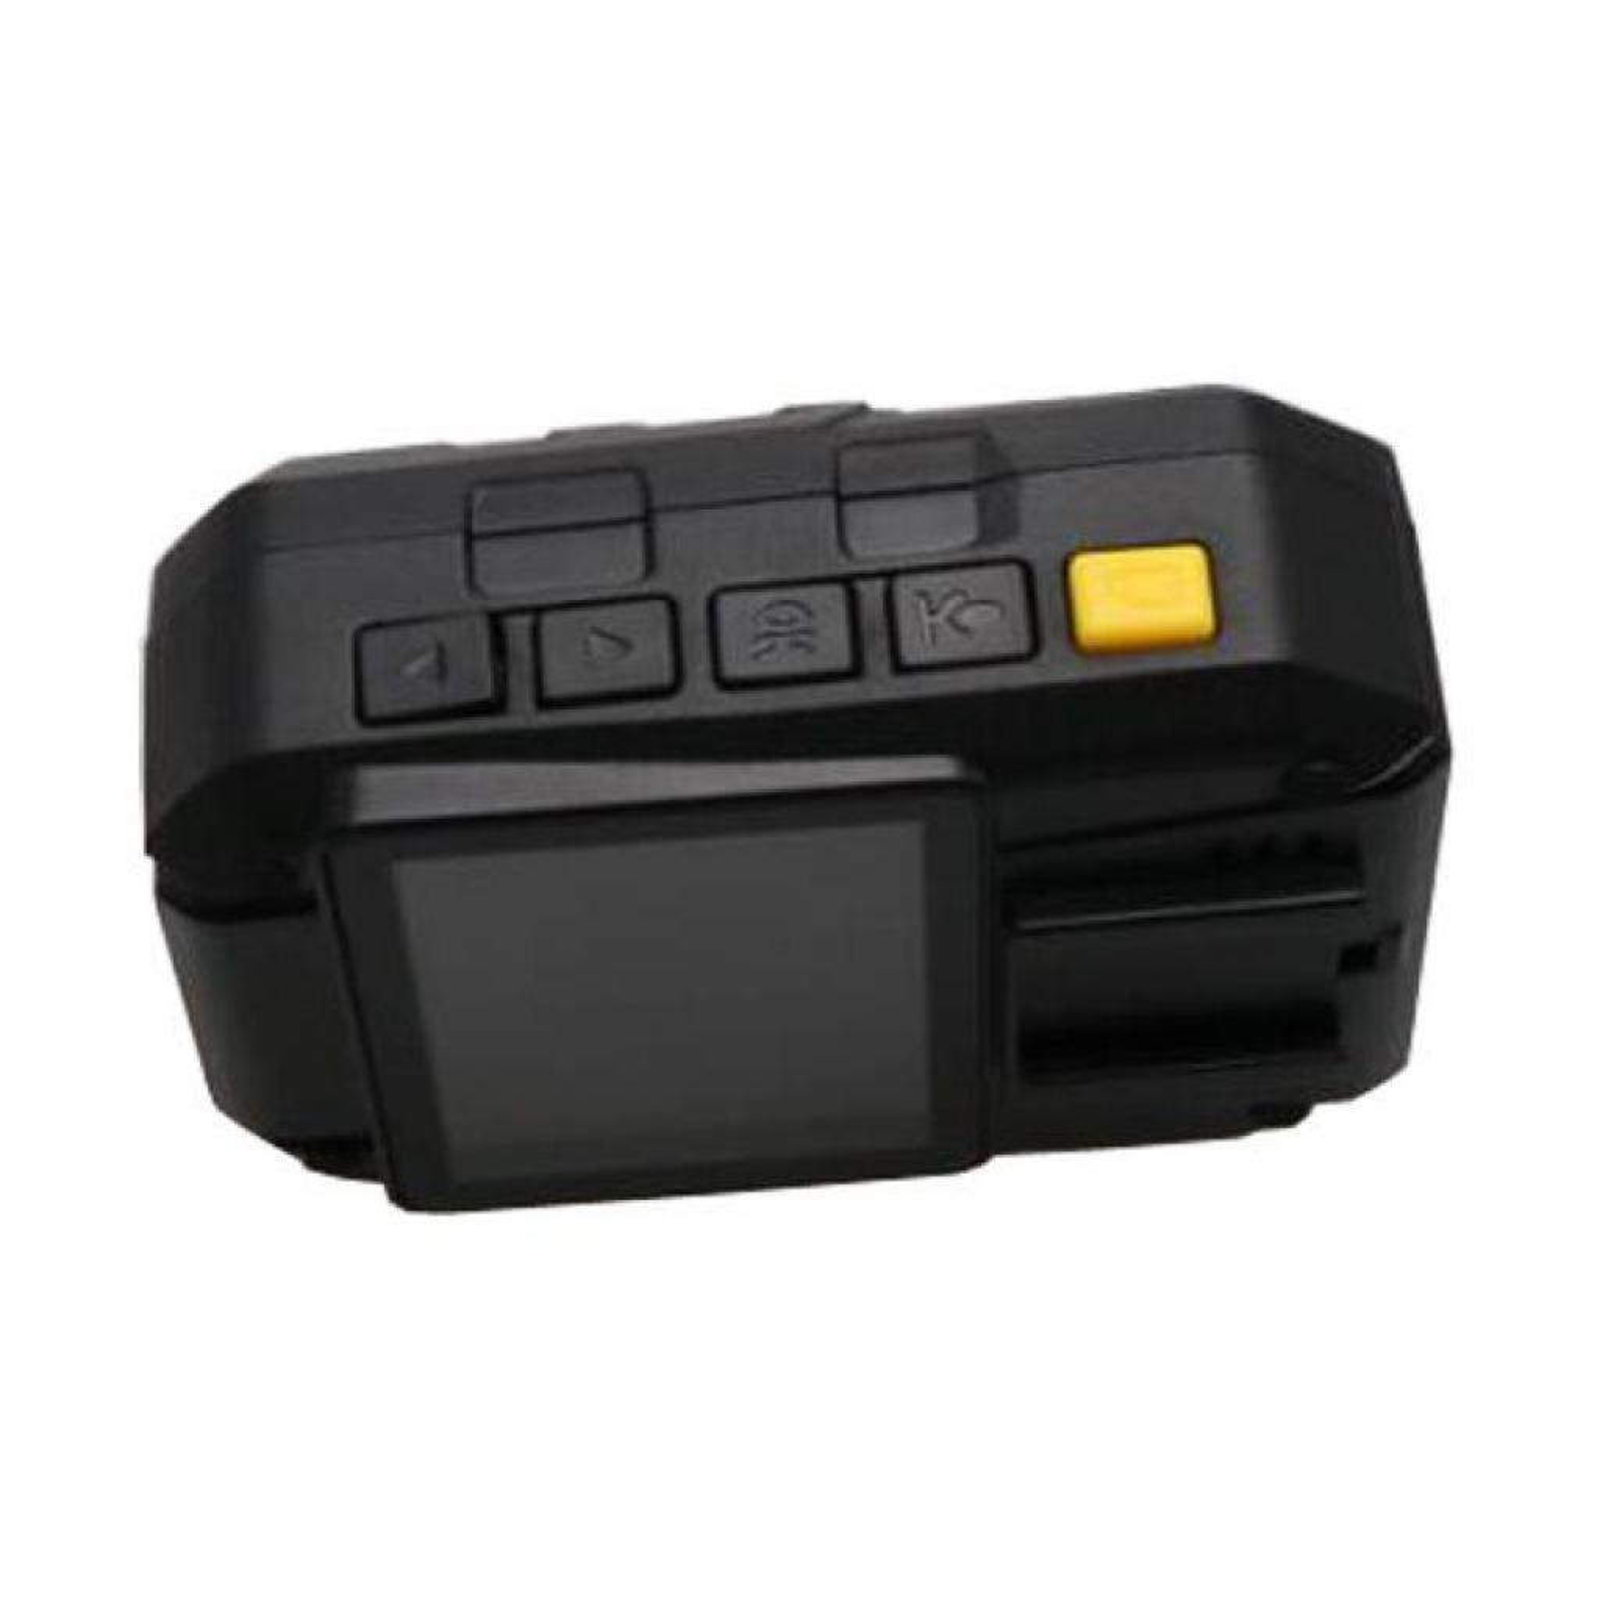 Видеорегистратор Globex Body Camera GE-915 (GE-915) изображение 7